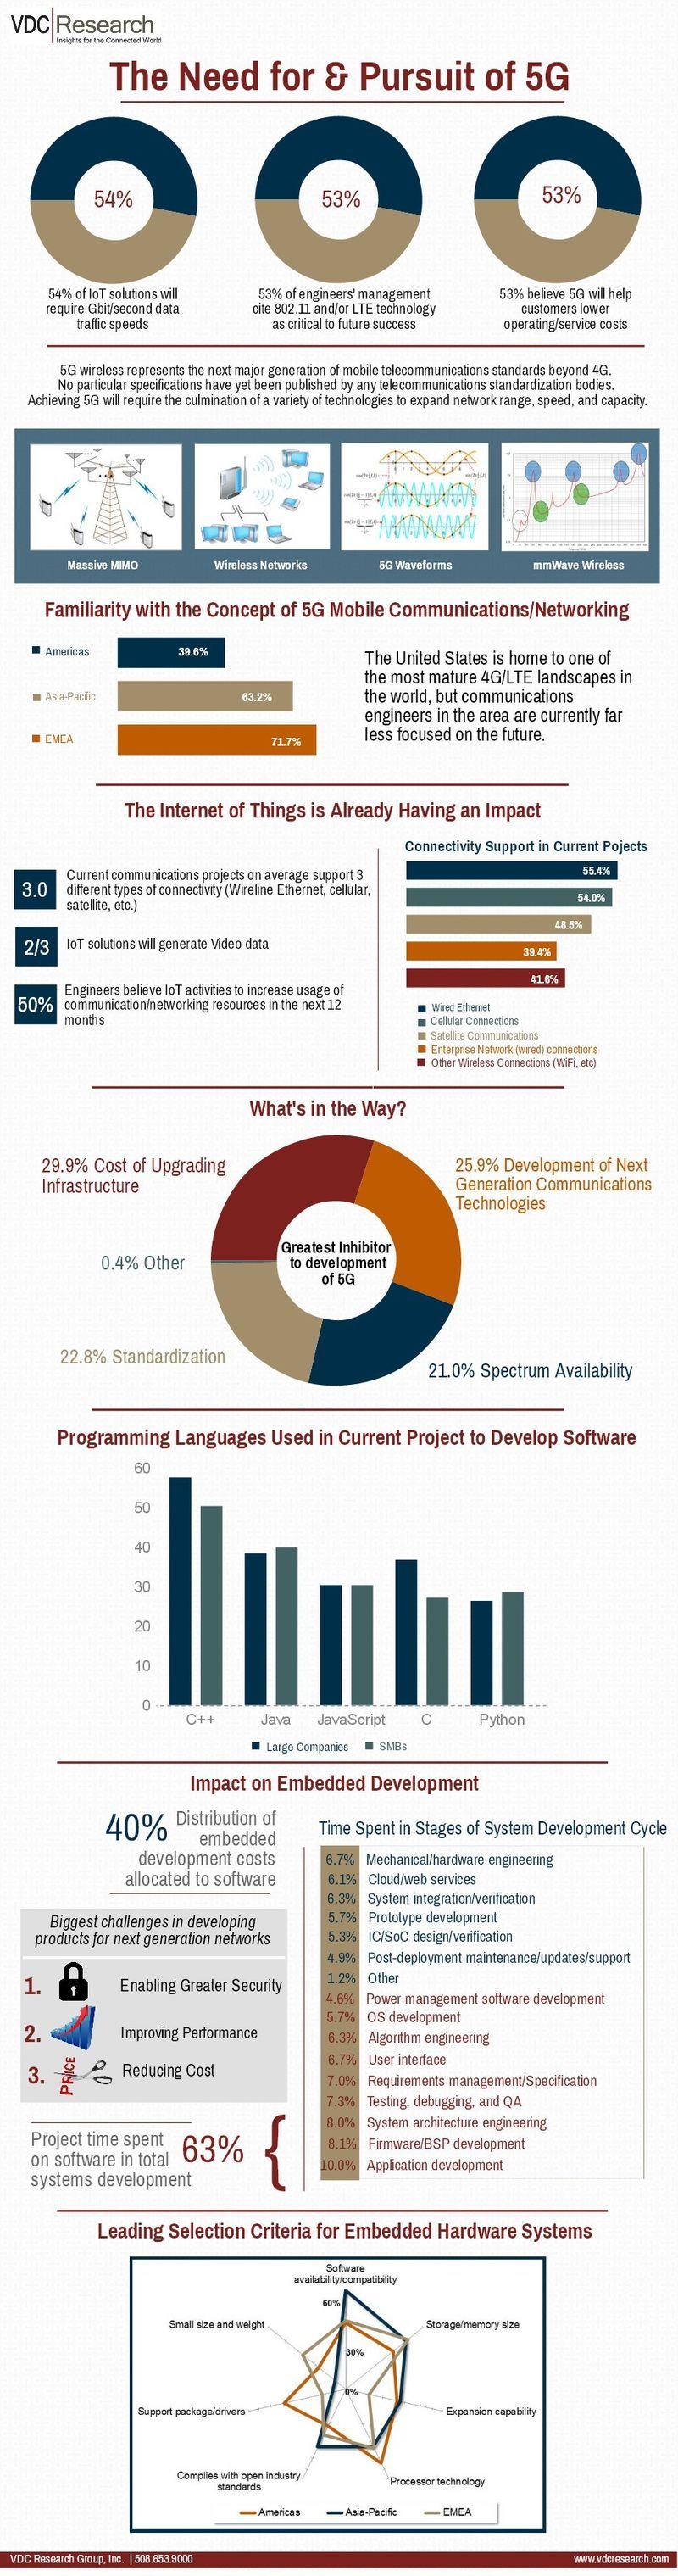 VDC 5G Infographic